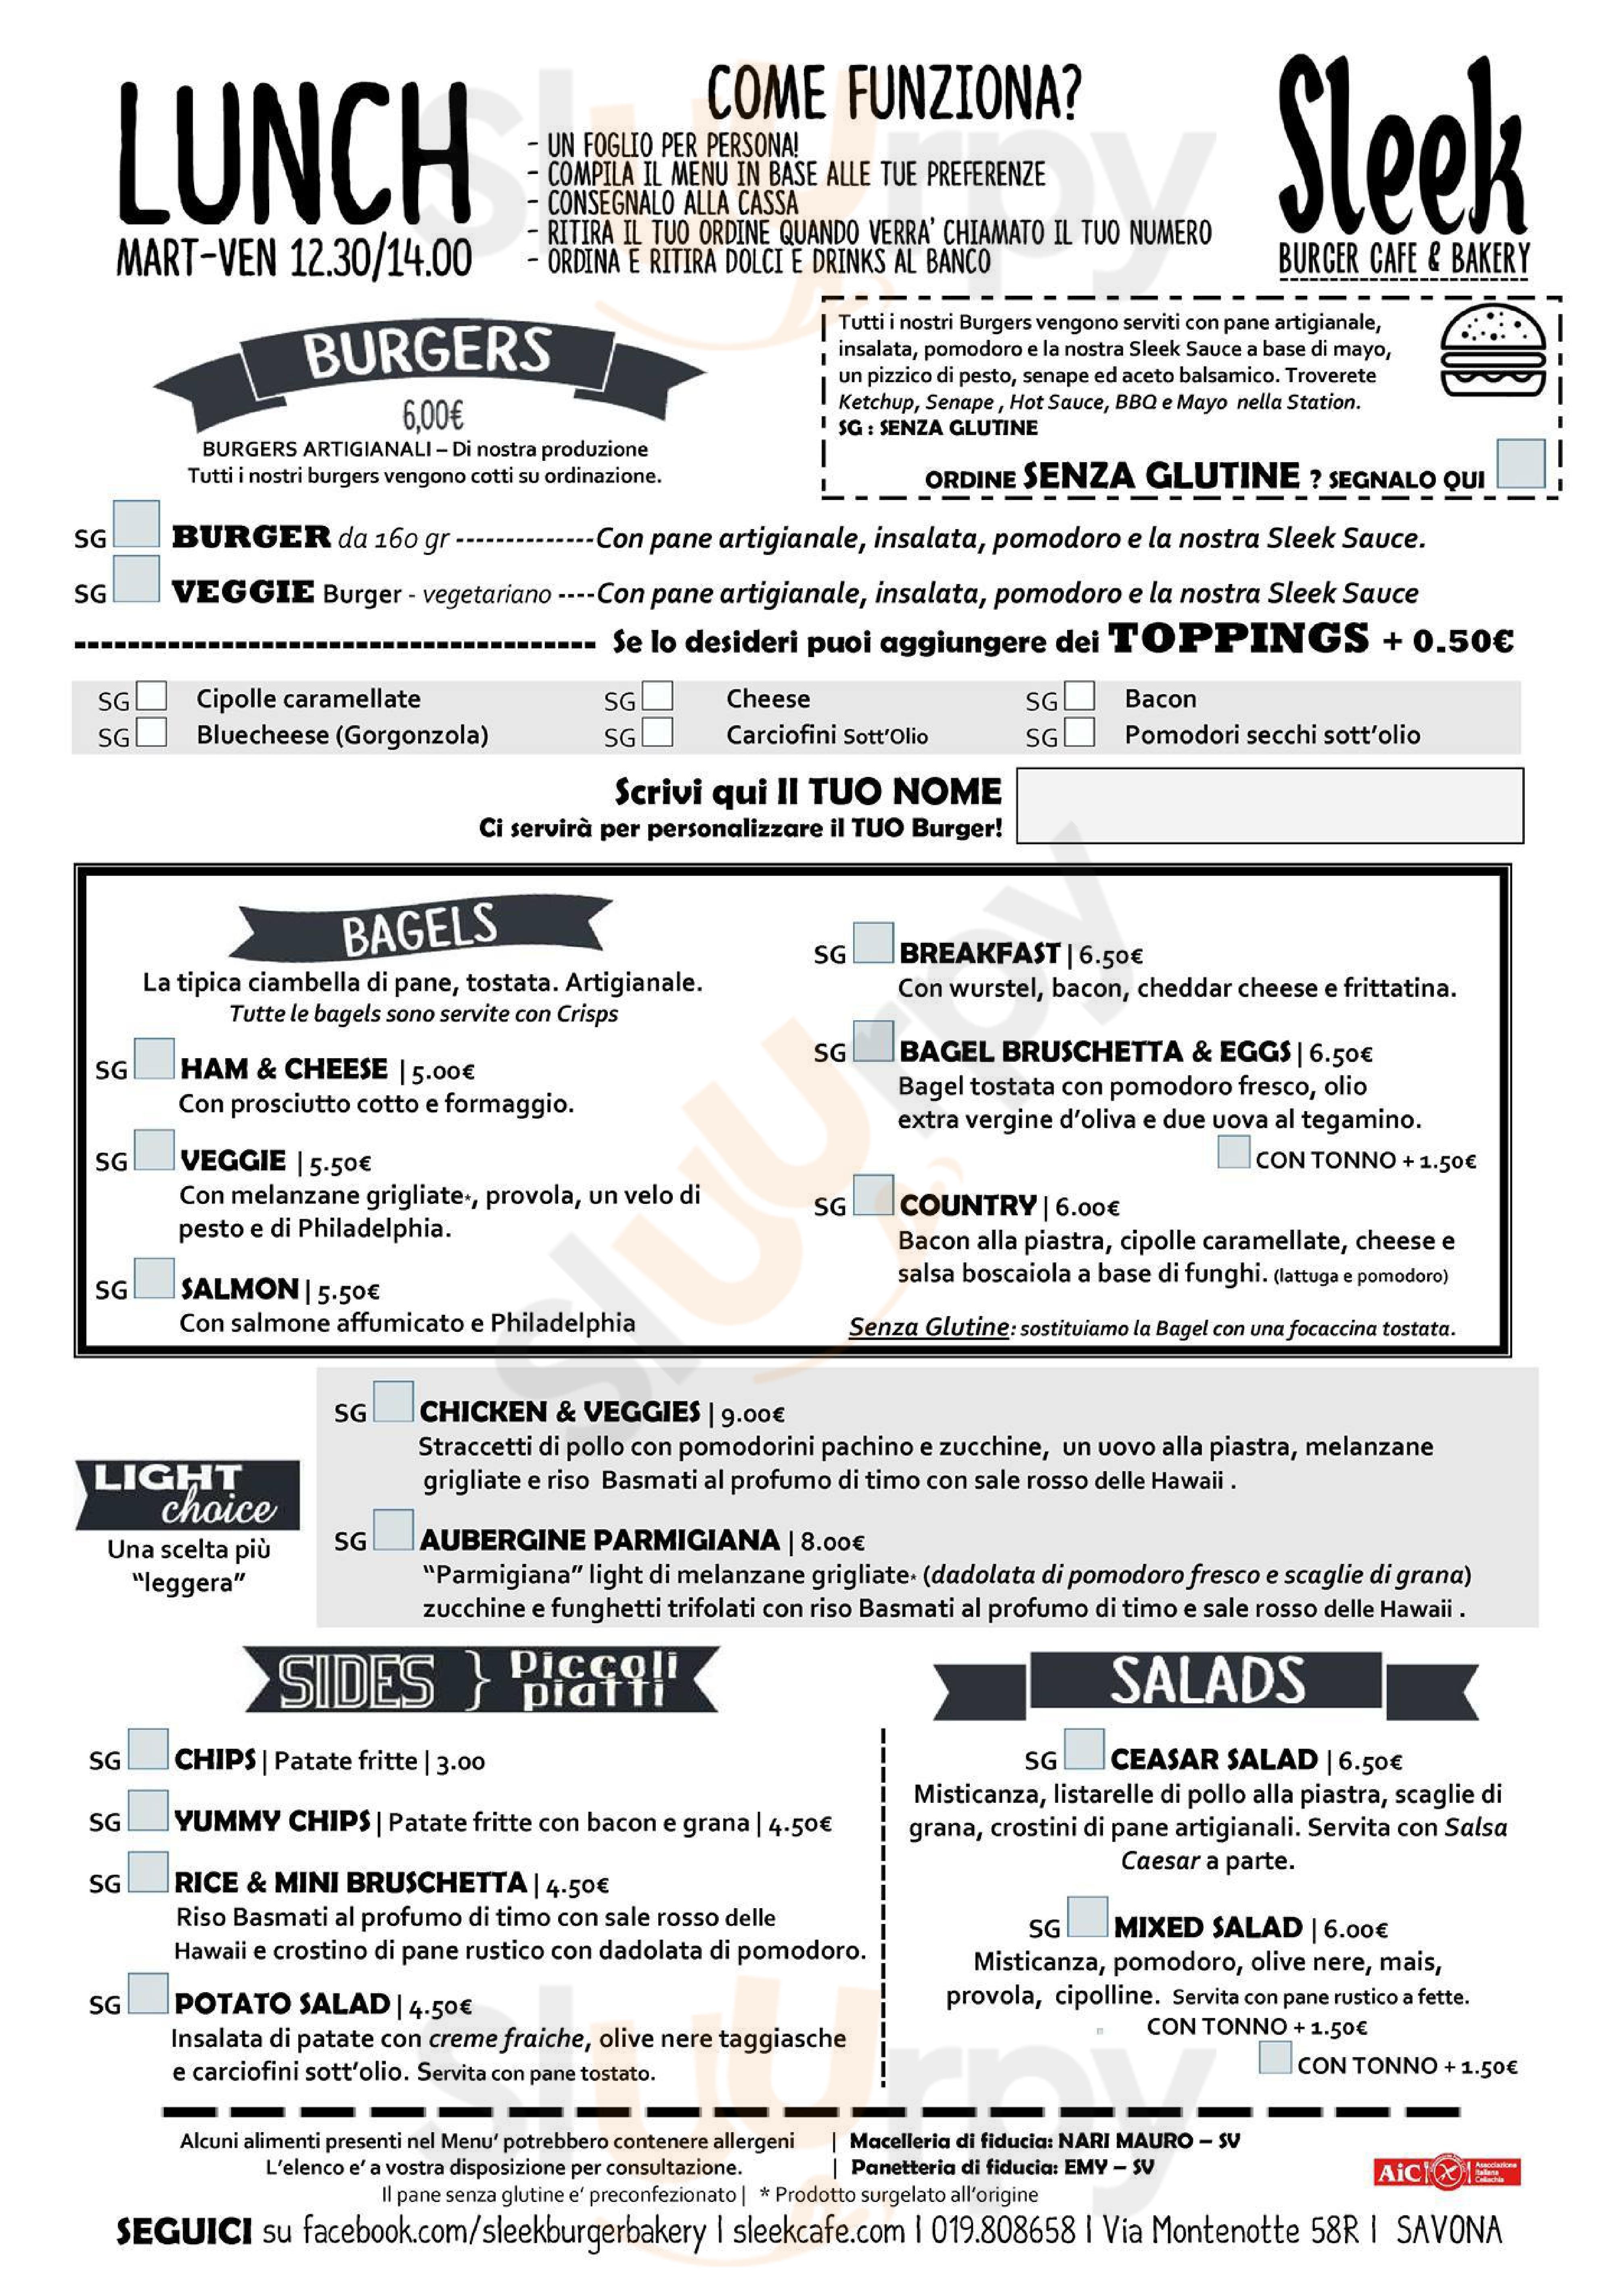 Sleek Burger Cafe & Bakery Savona menù 1 pagina